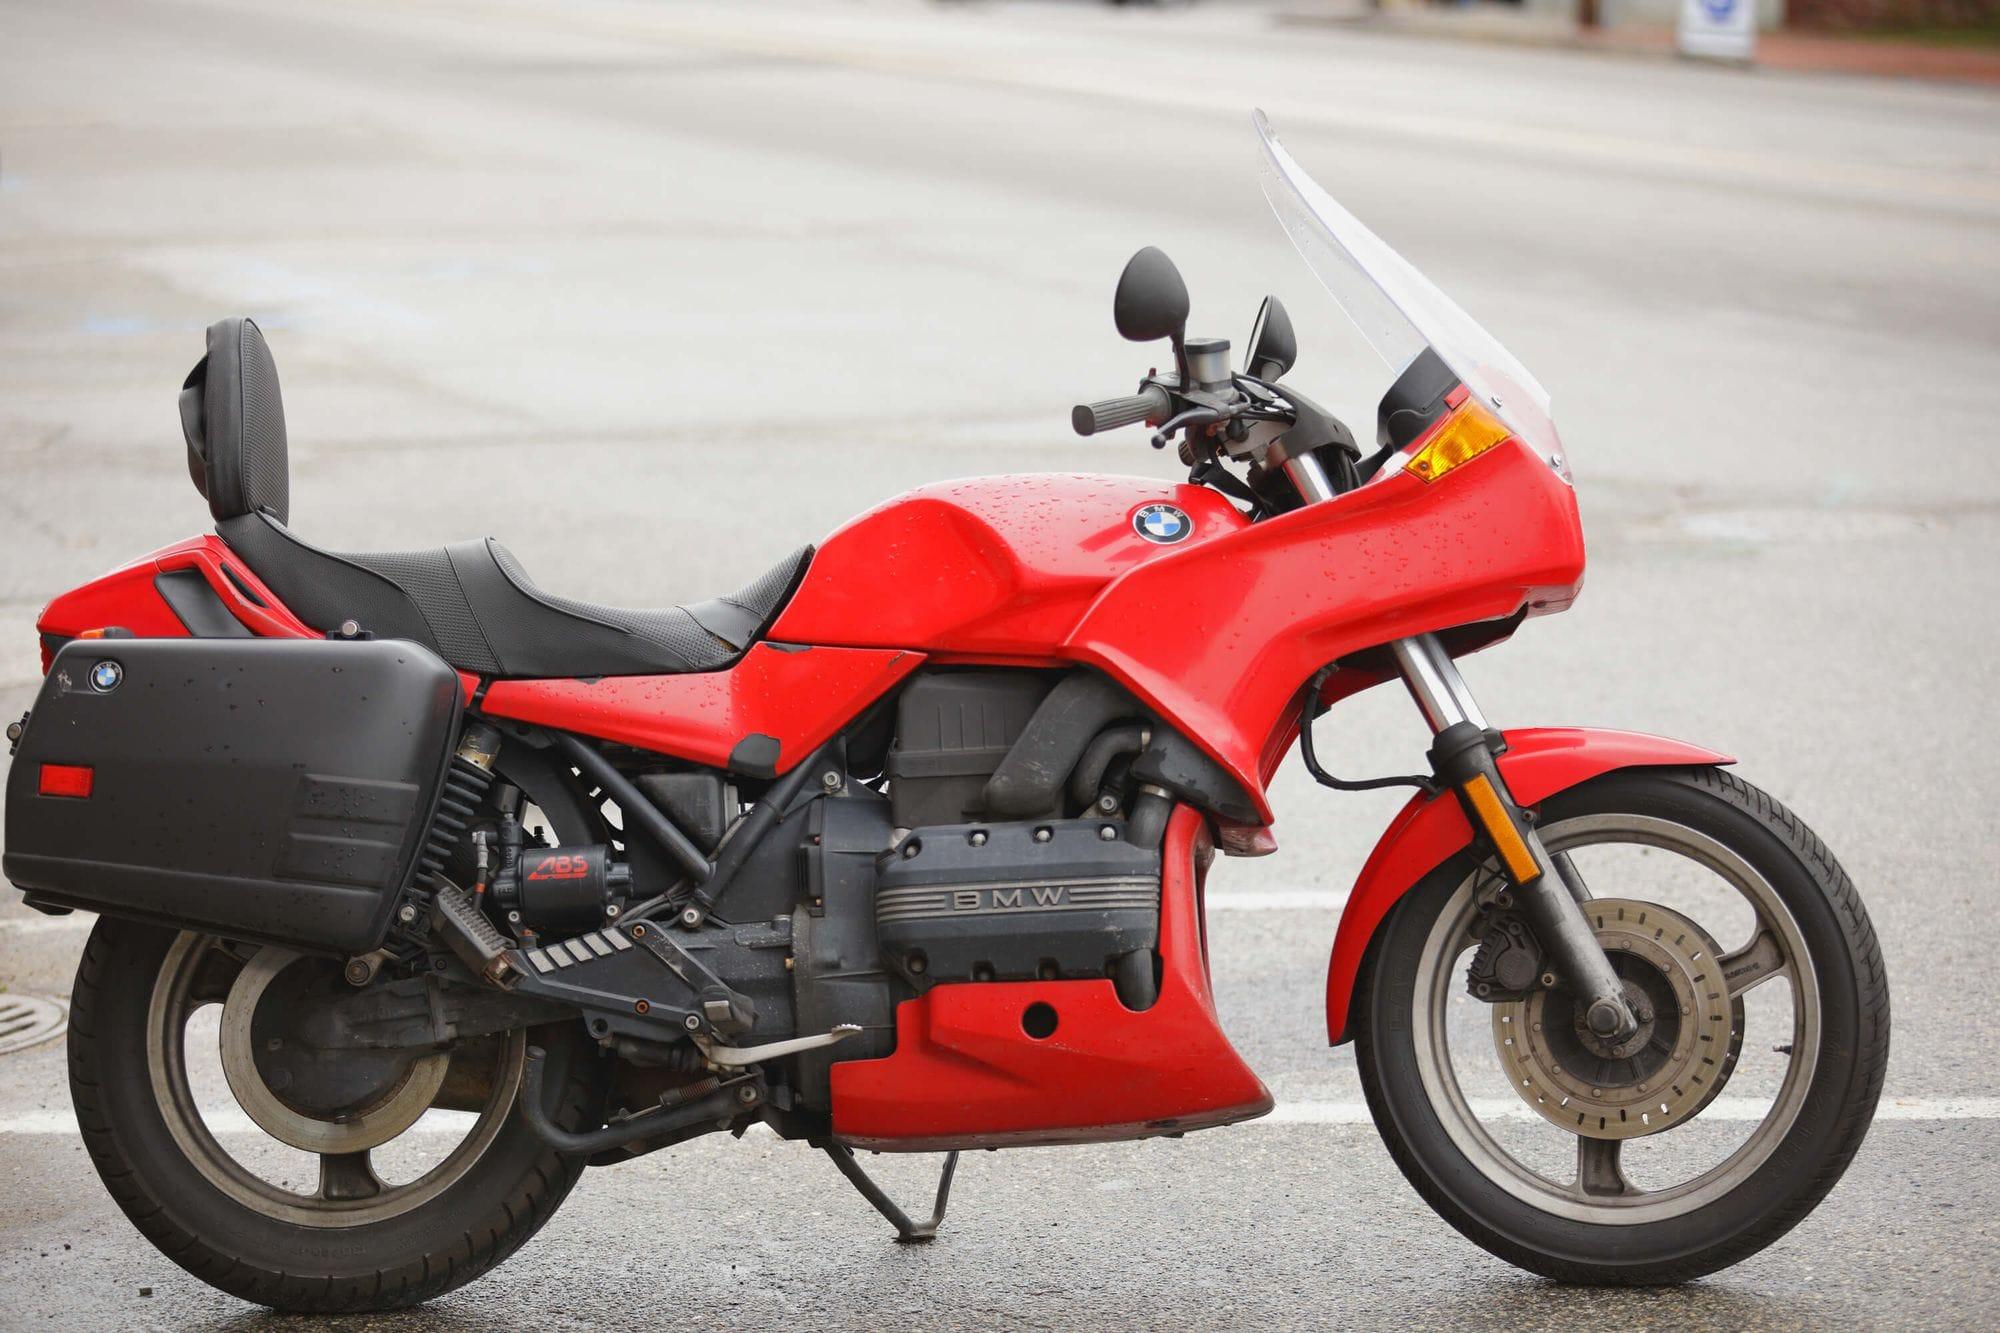 Μοντέλο μοτοσυκλέτας BMW K100, παρκαρισμένο στο δρόμο